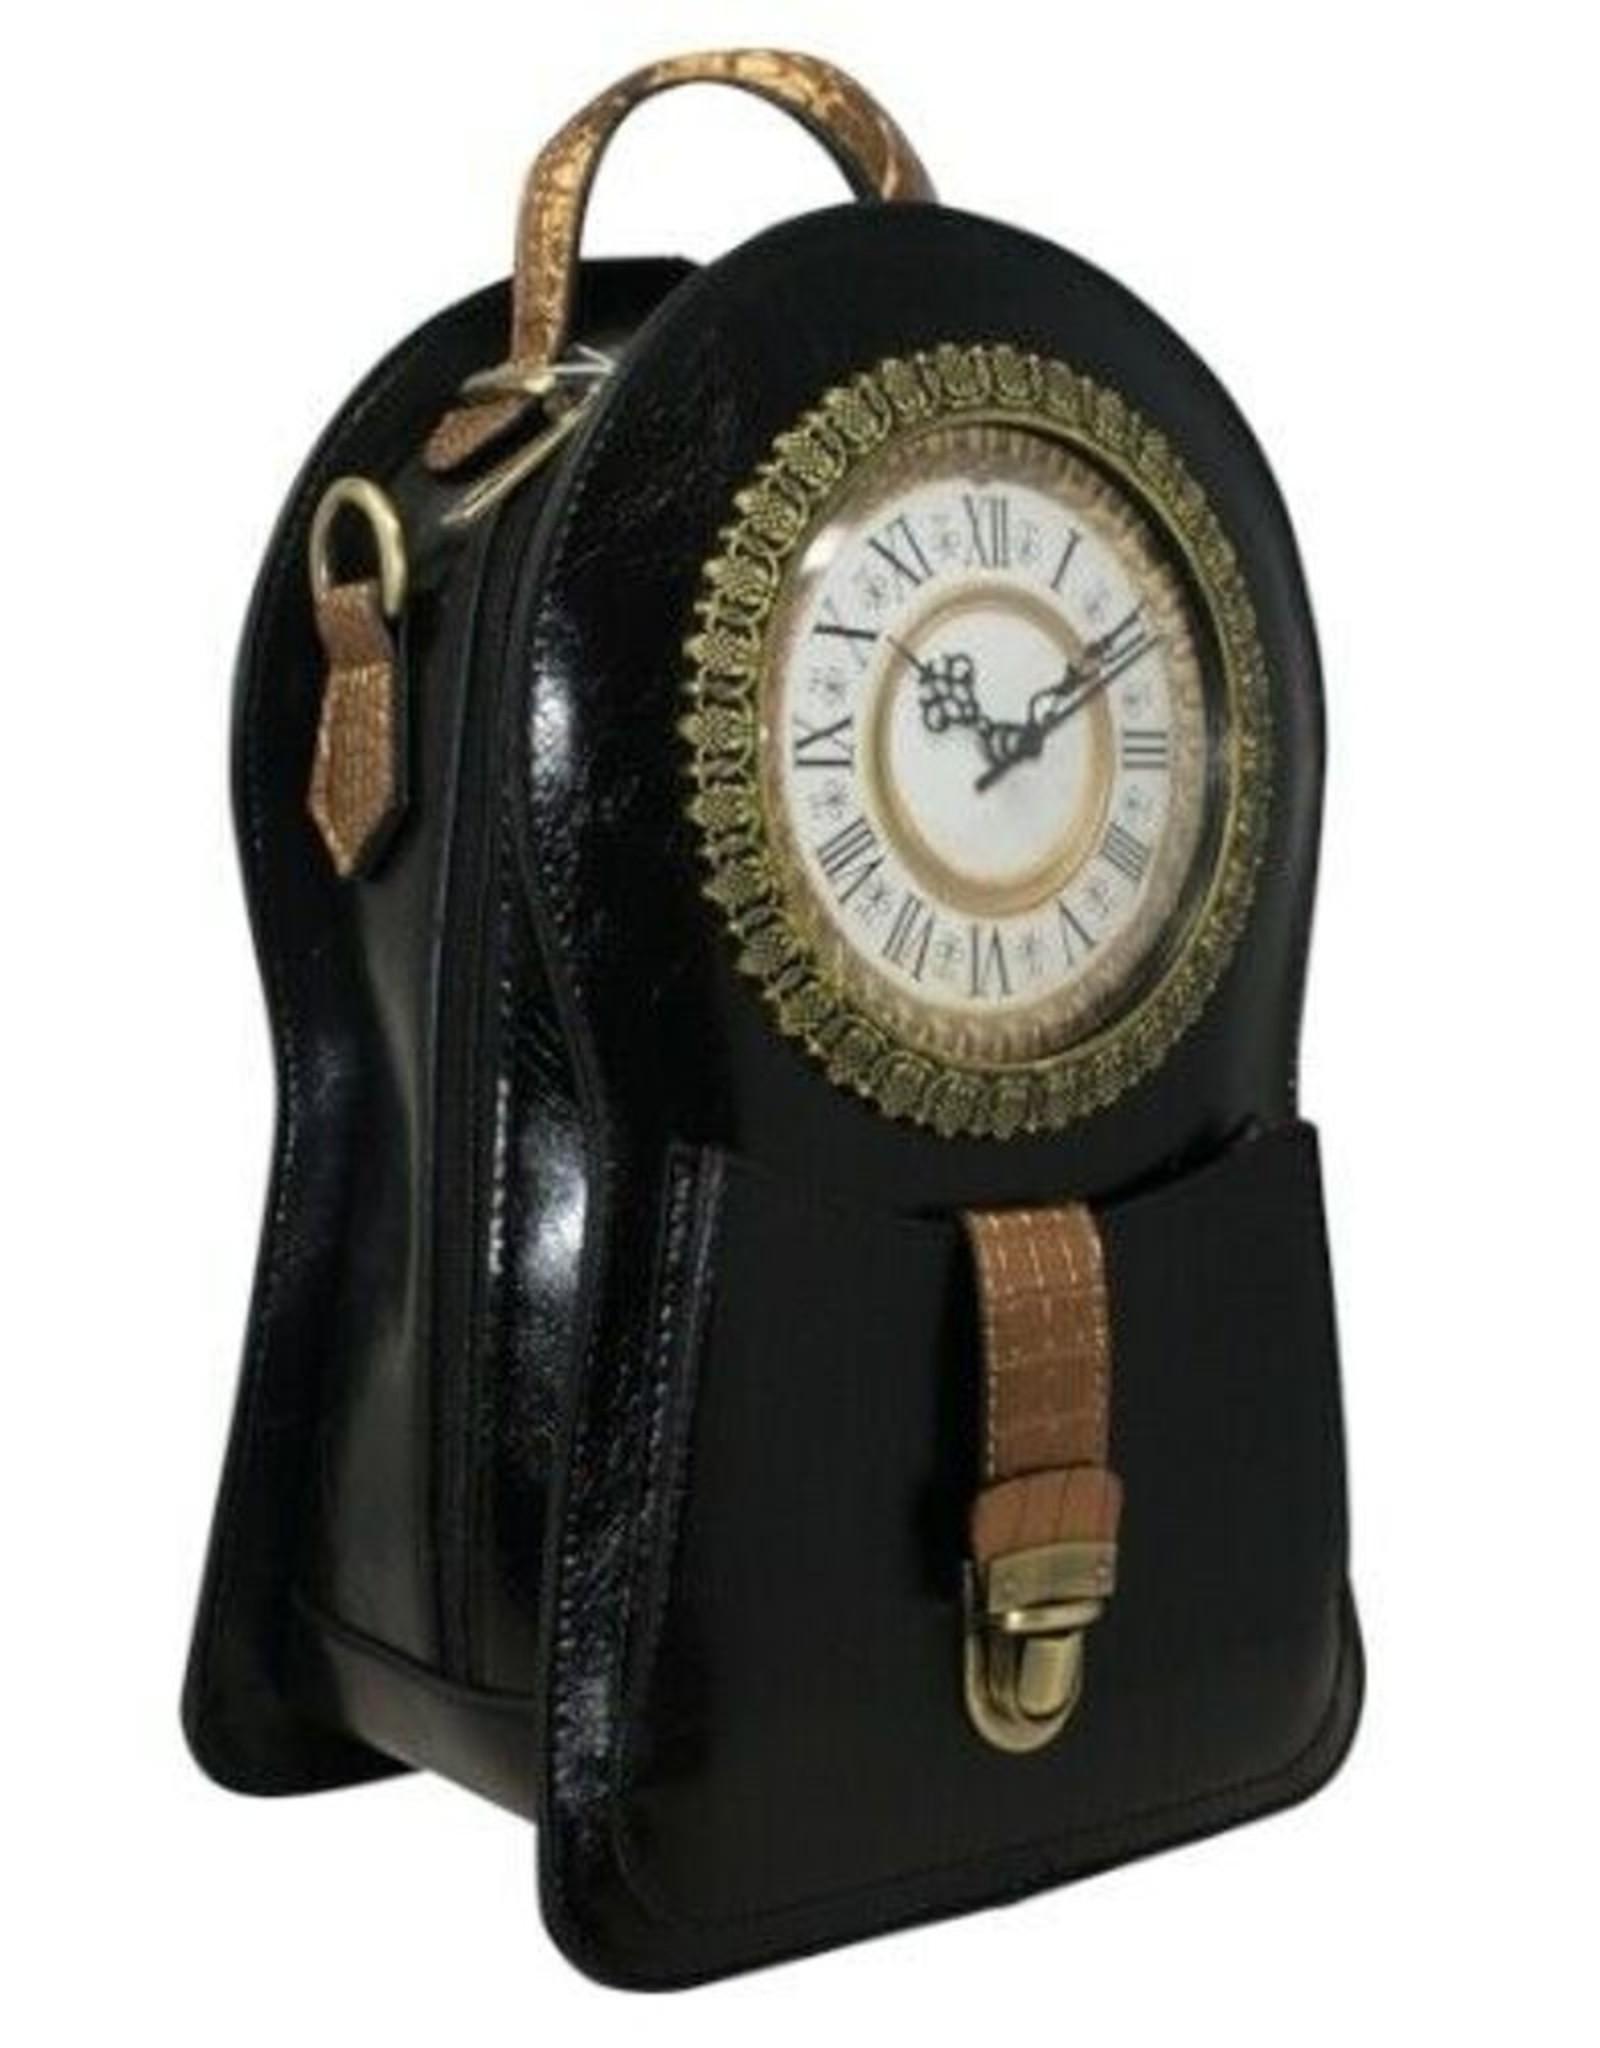 Magic Bags Gothic tassen Steampunk tassen - Steampunk Rugtas met Echt Werkende Klok